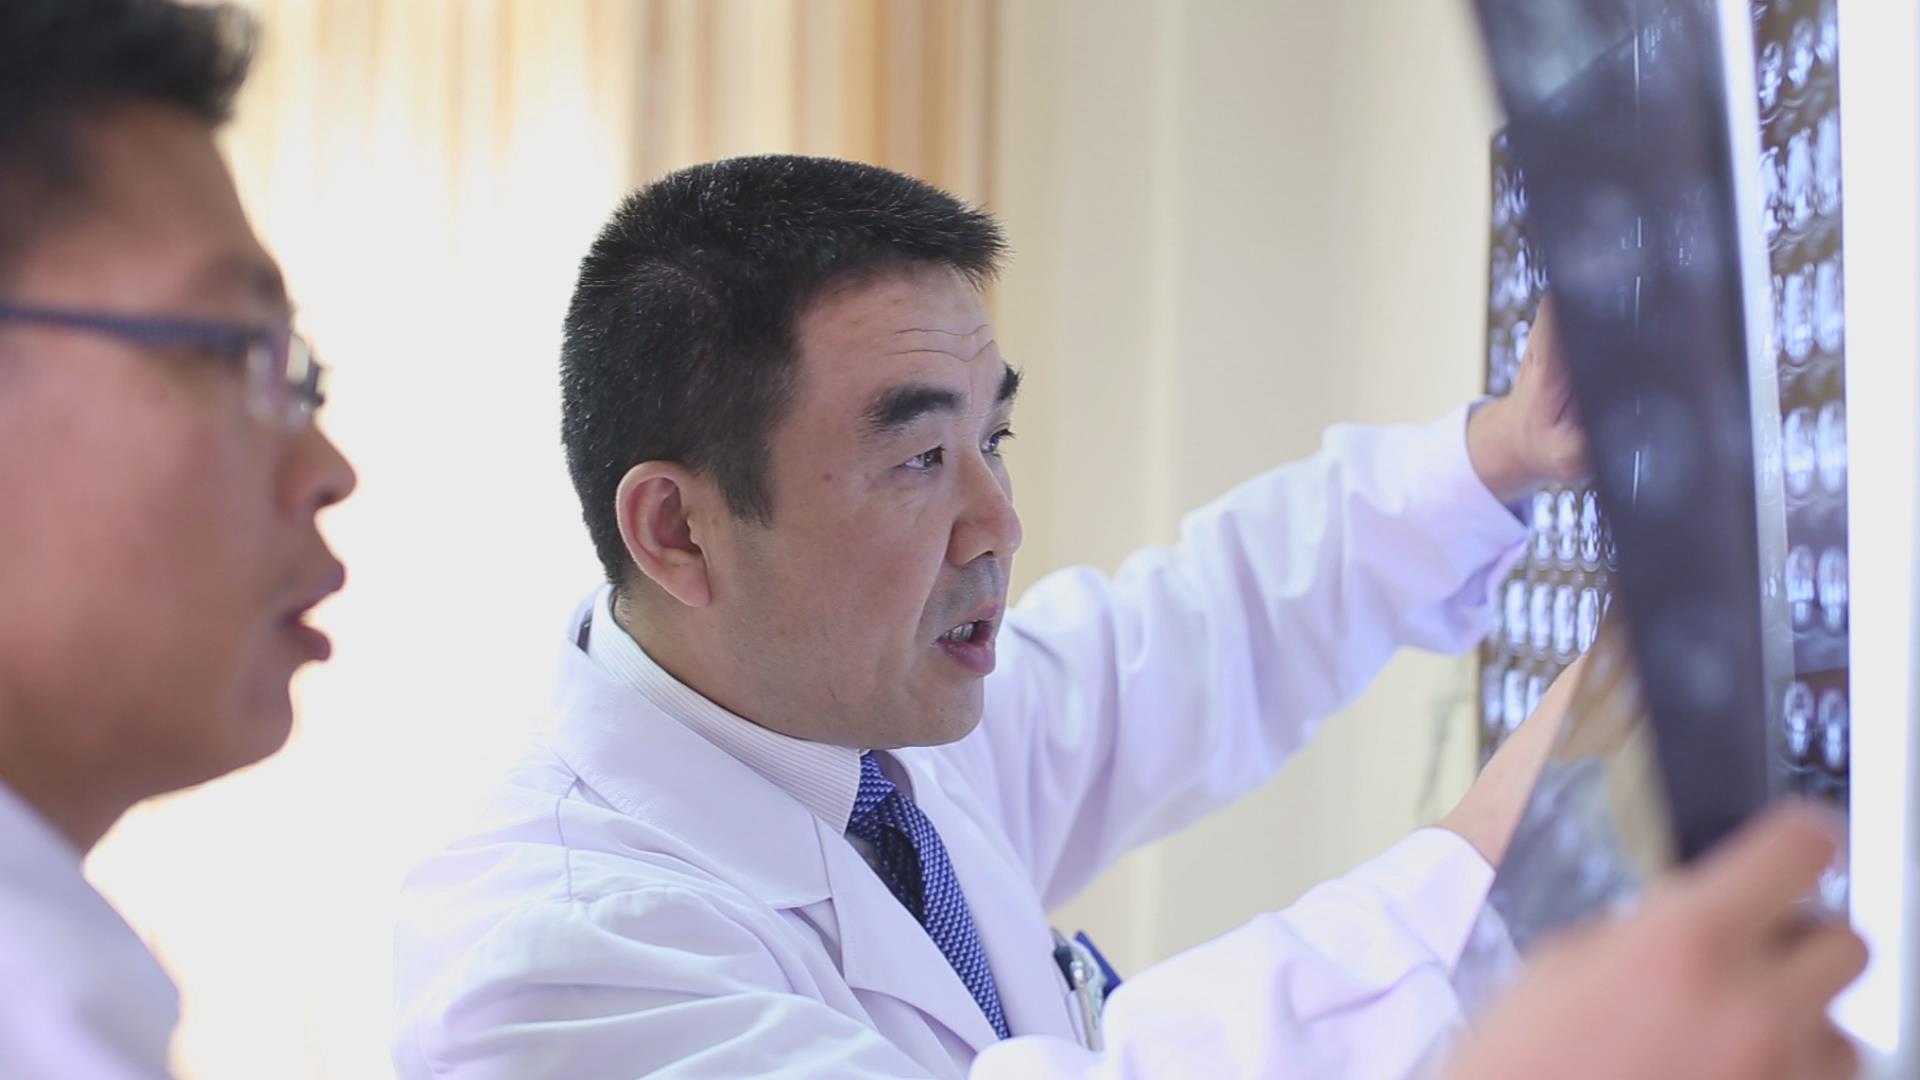 寻找救命恩人 | 2008—2018,结肠癌晚期患者的十年抗癌路